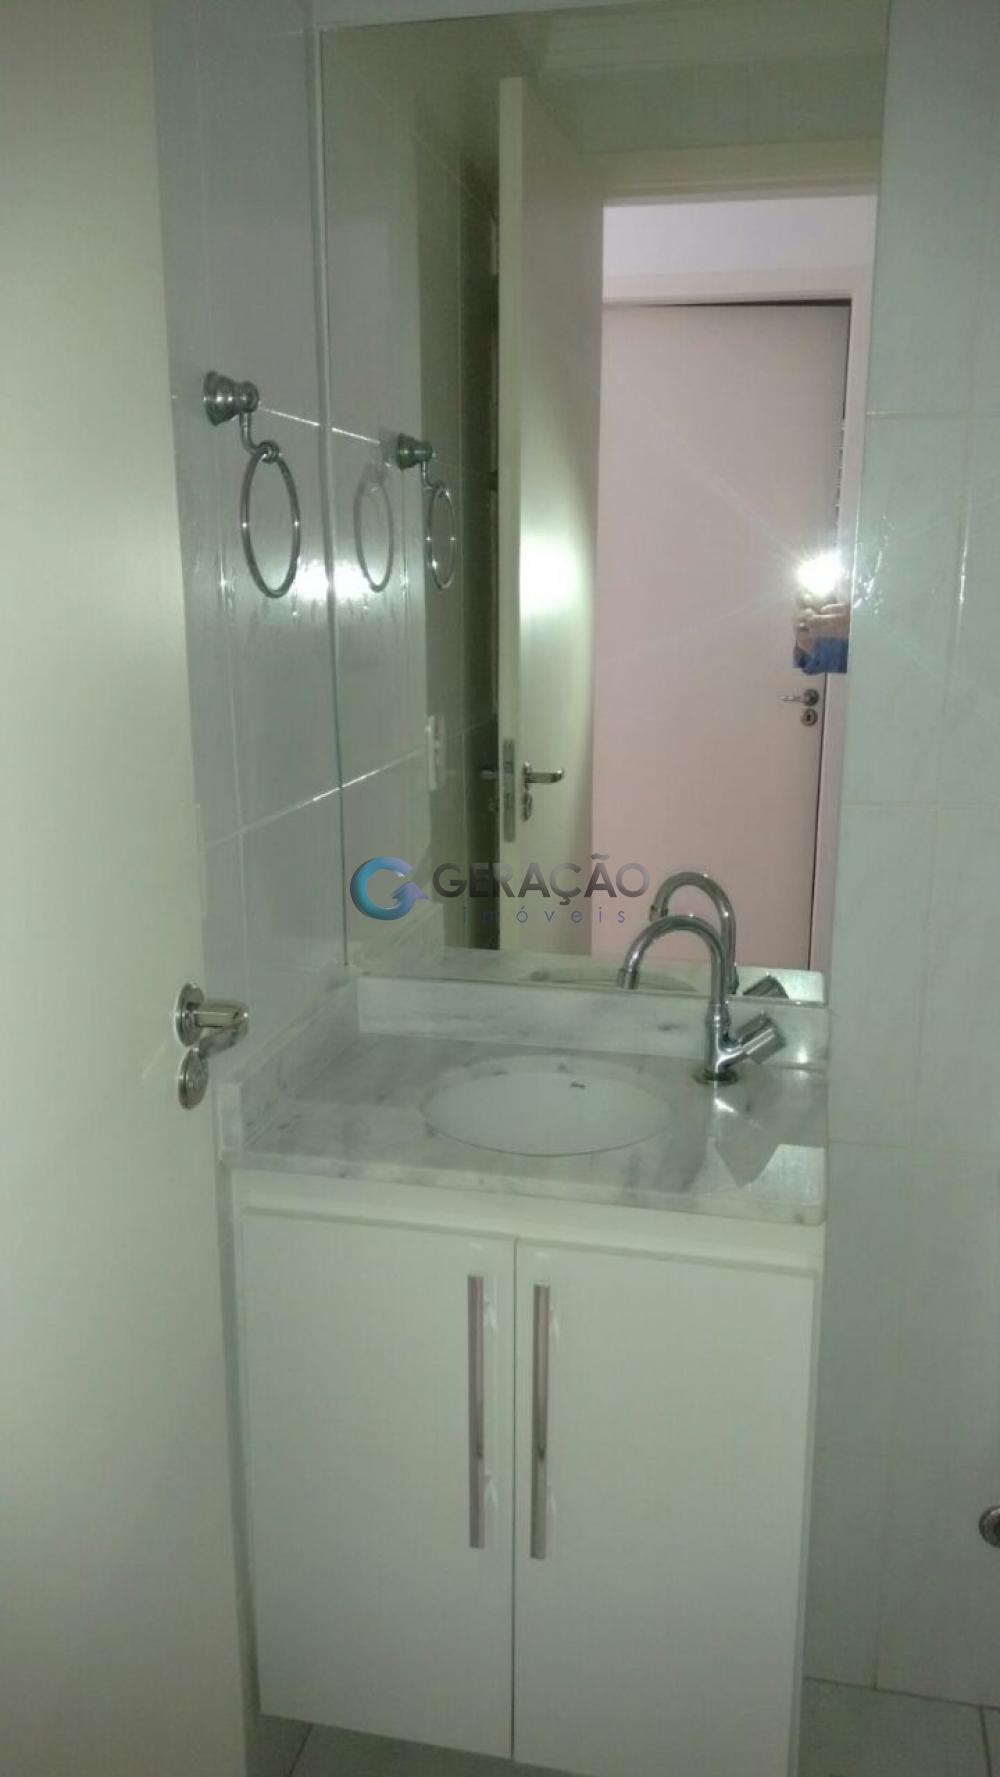 Comprar Apartamento / Padrão em São José dos Campos apenas R$ 245.000,00 - Foto 15